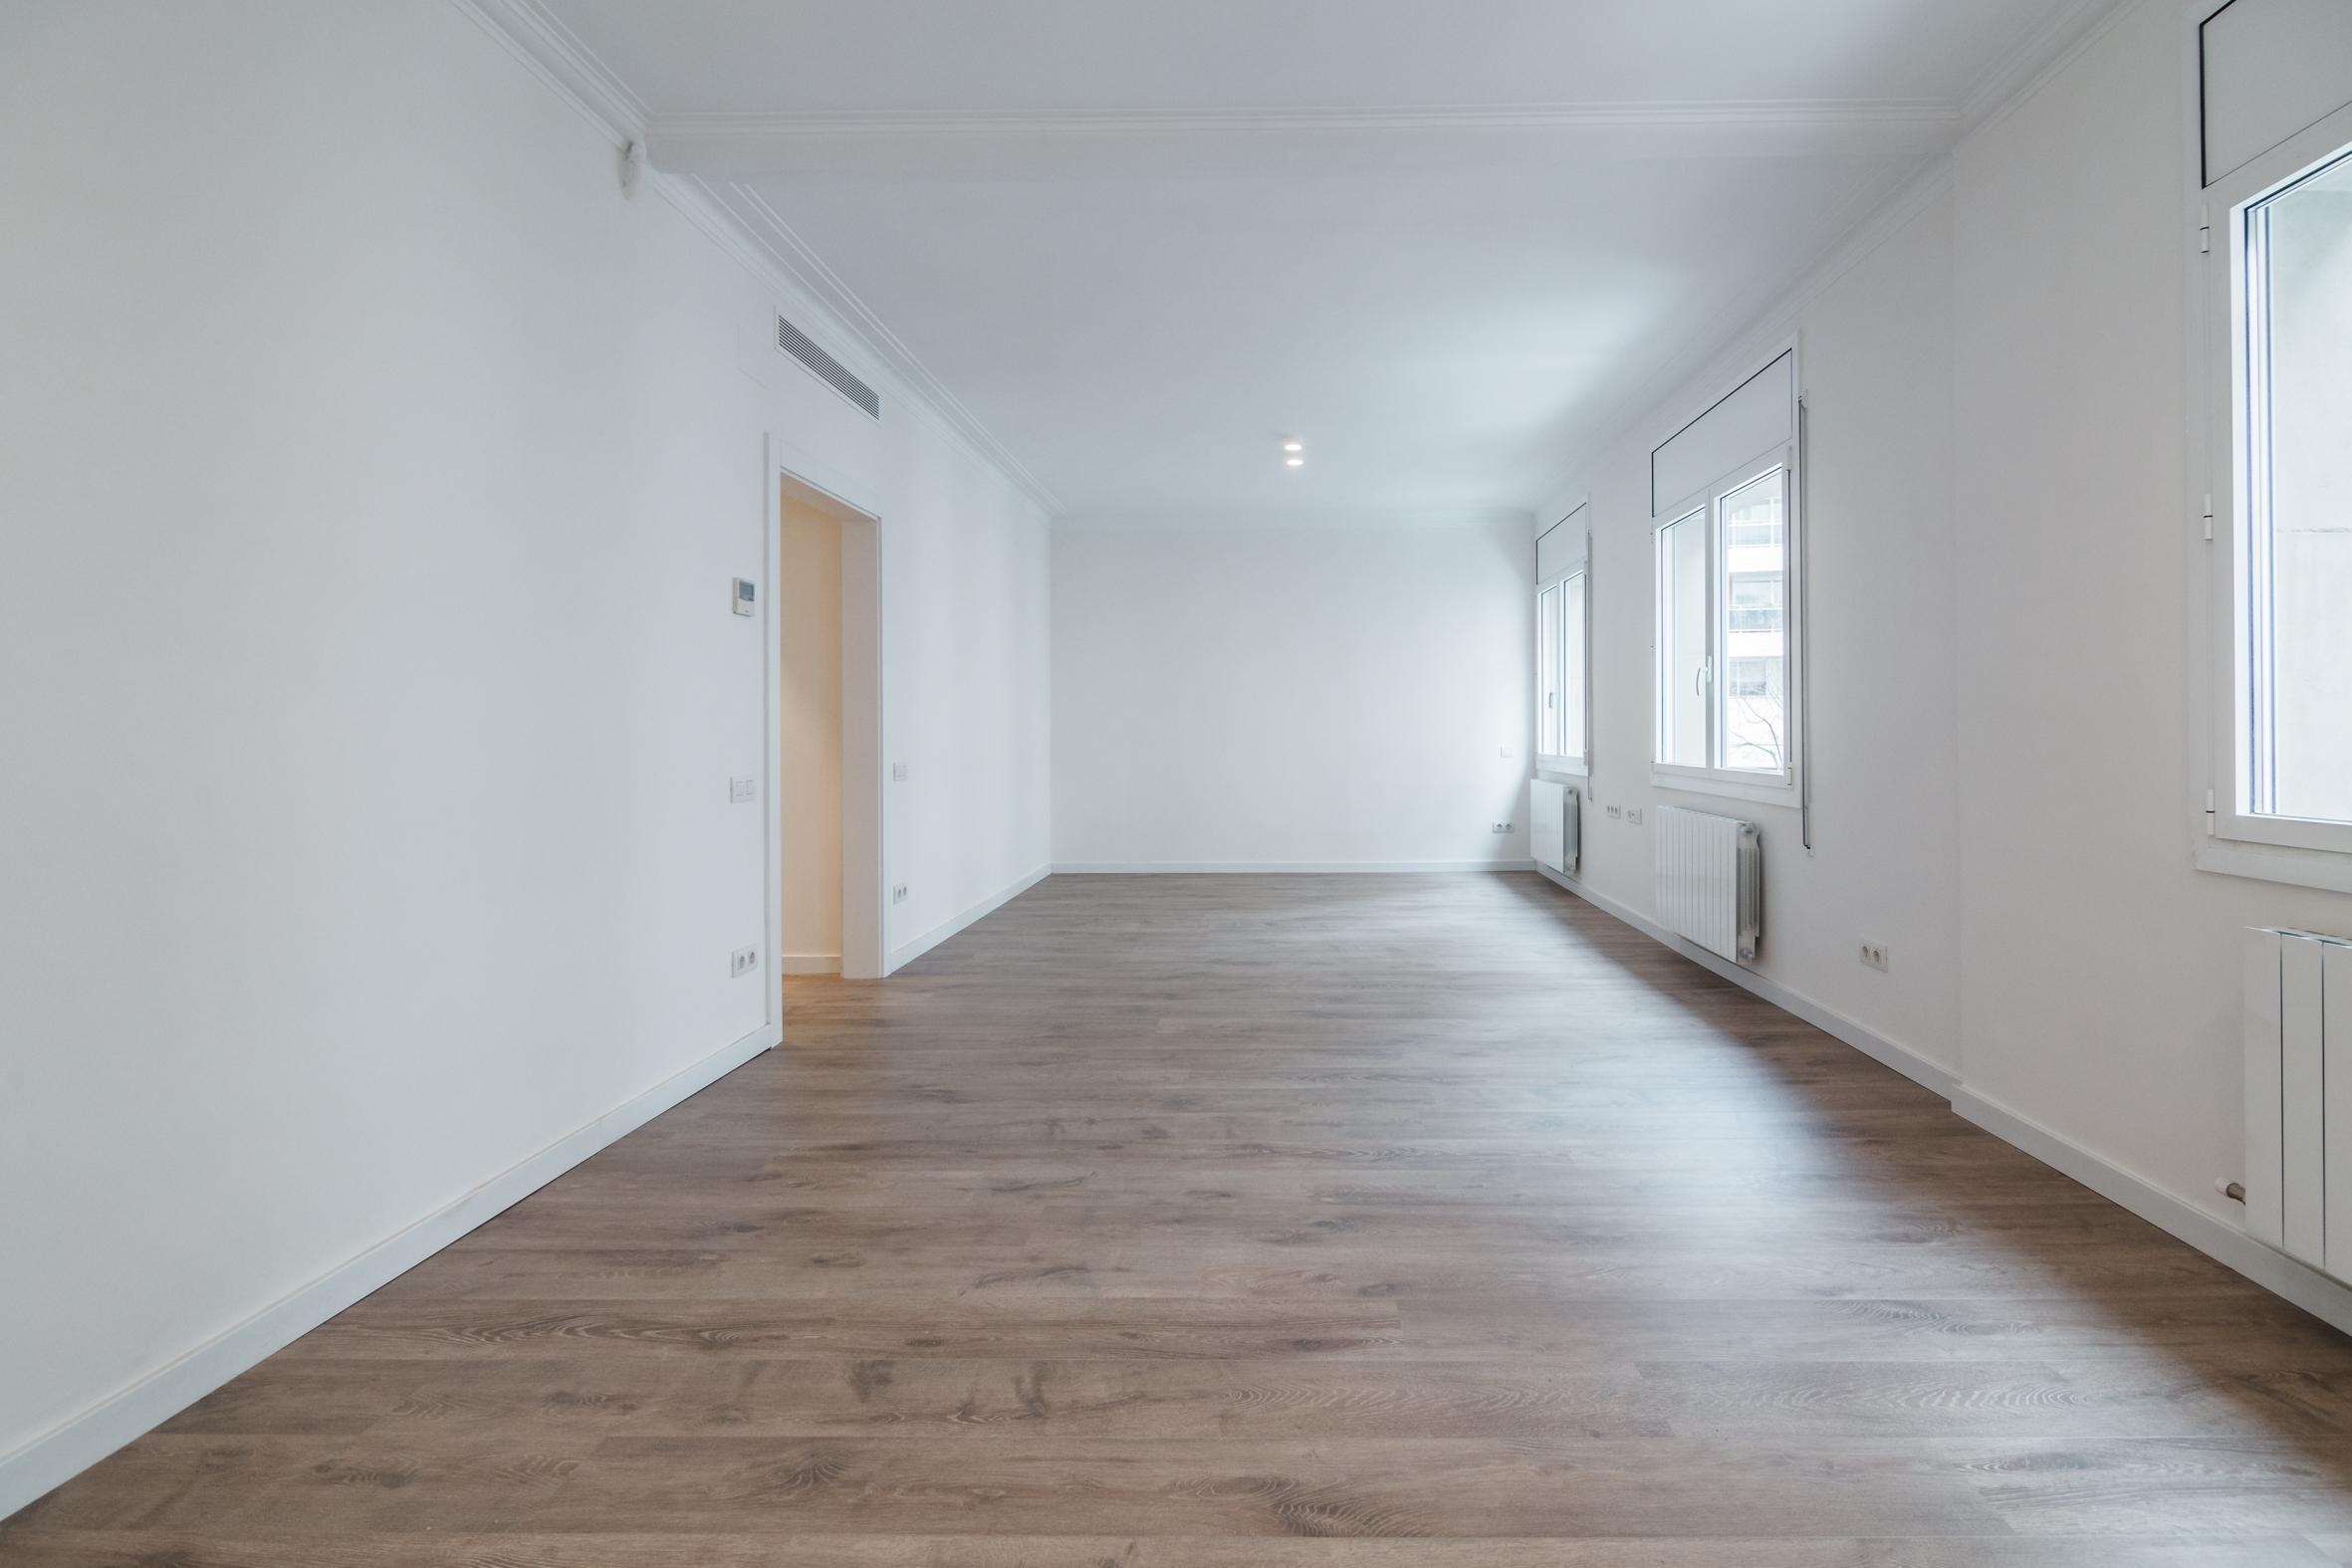 202959 Apartamento en venda en Sarrià-Sant Gervasi, St. Gervasi-Bonanova 2